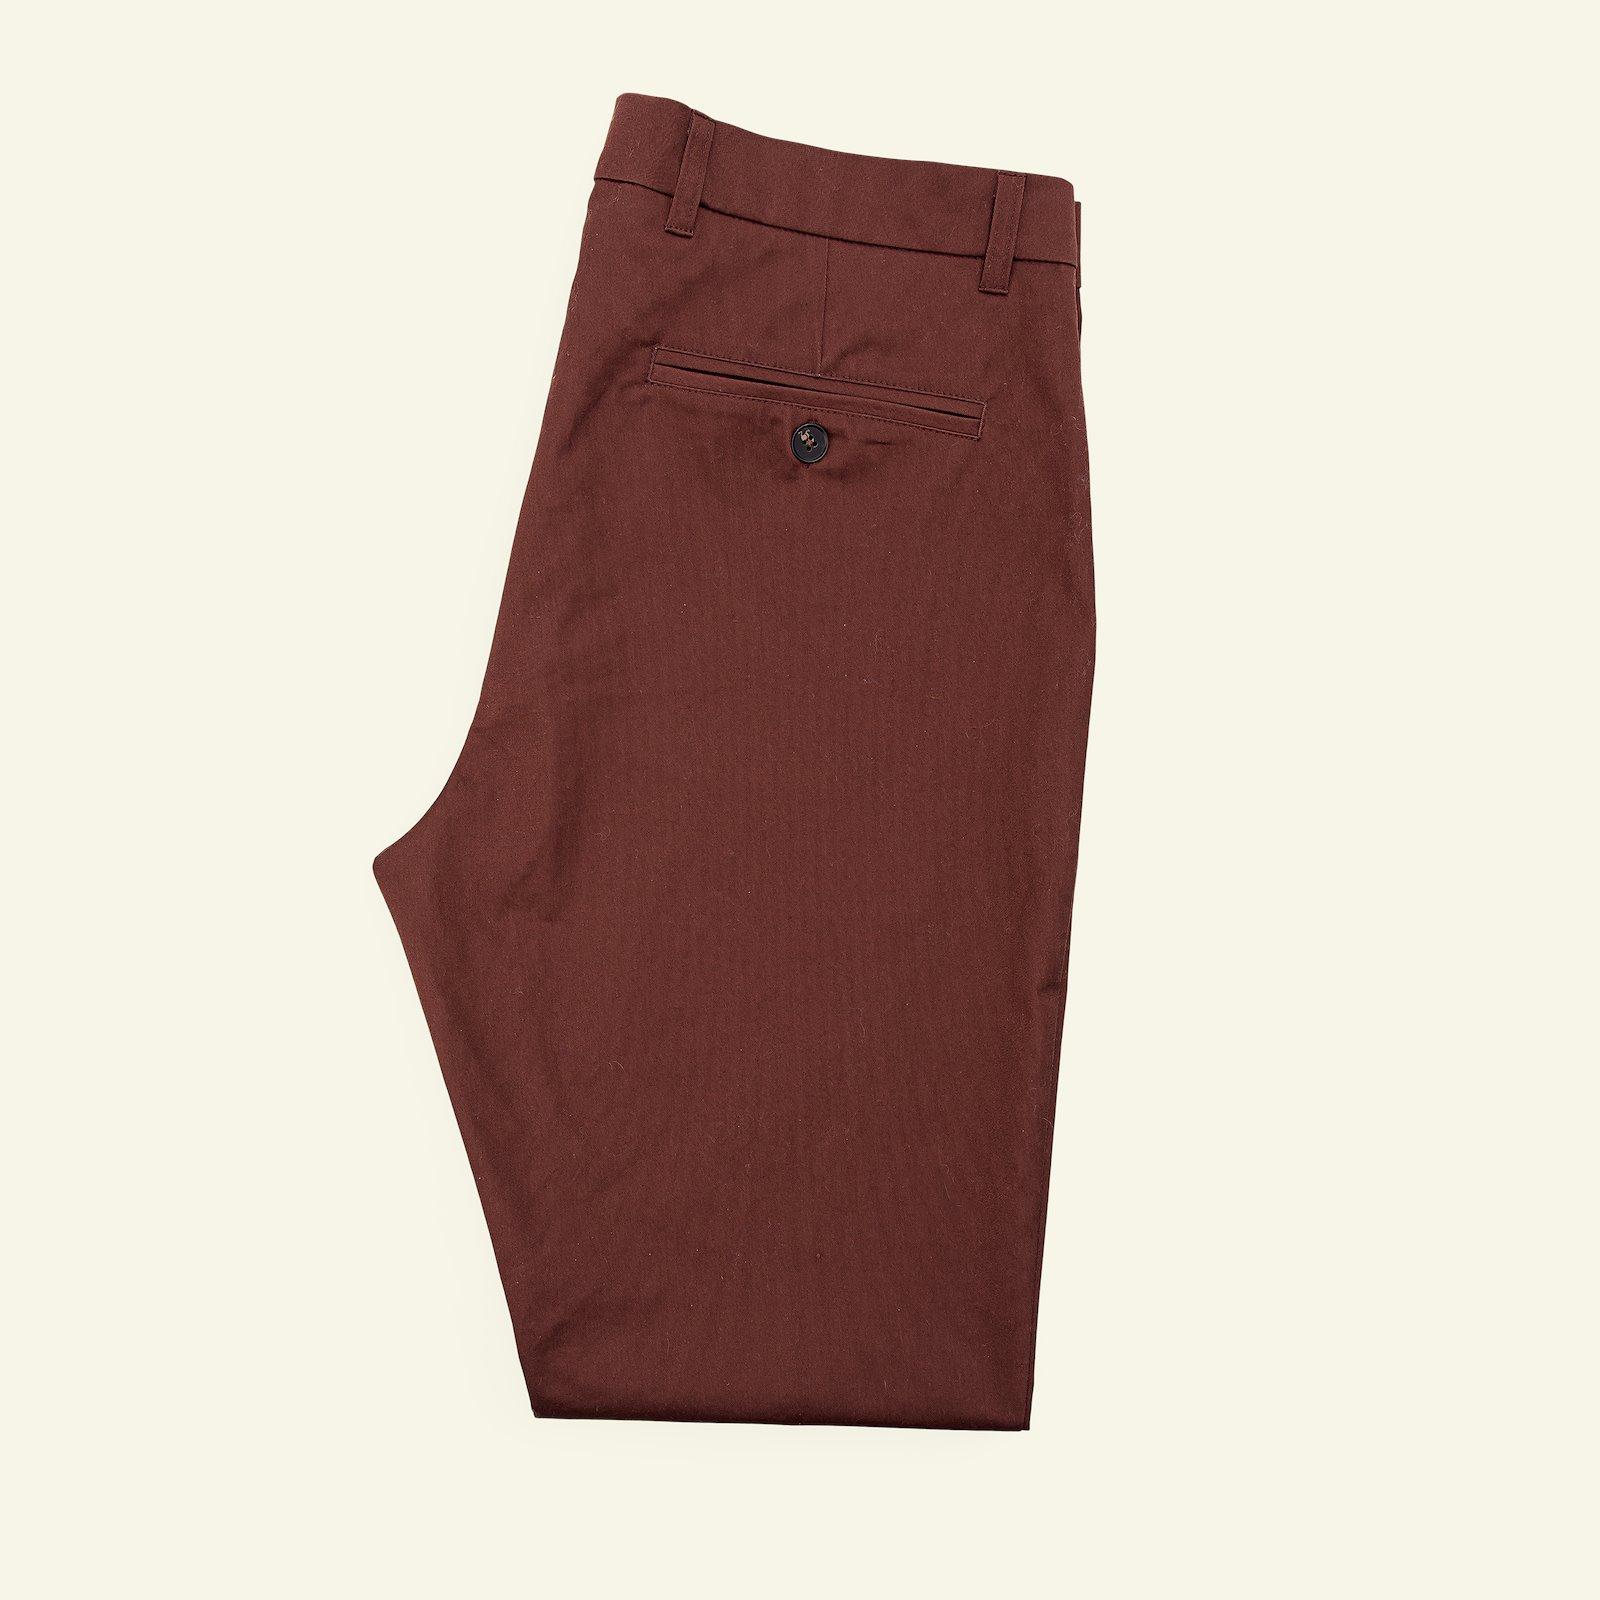 Chino trousers, 52 p85001_420419_40233_sskit